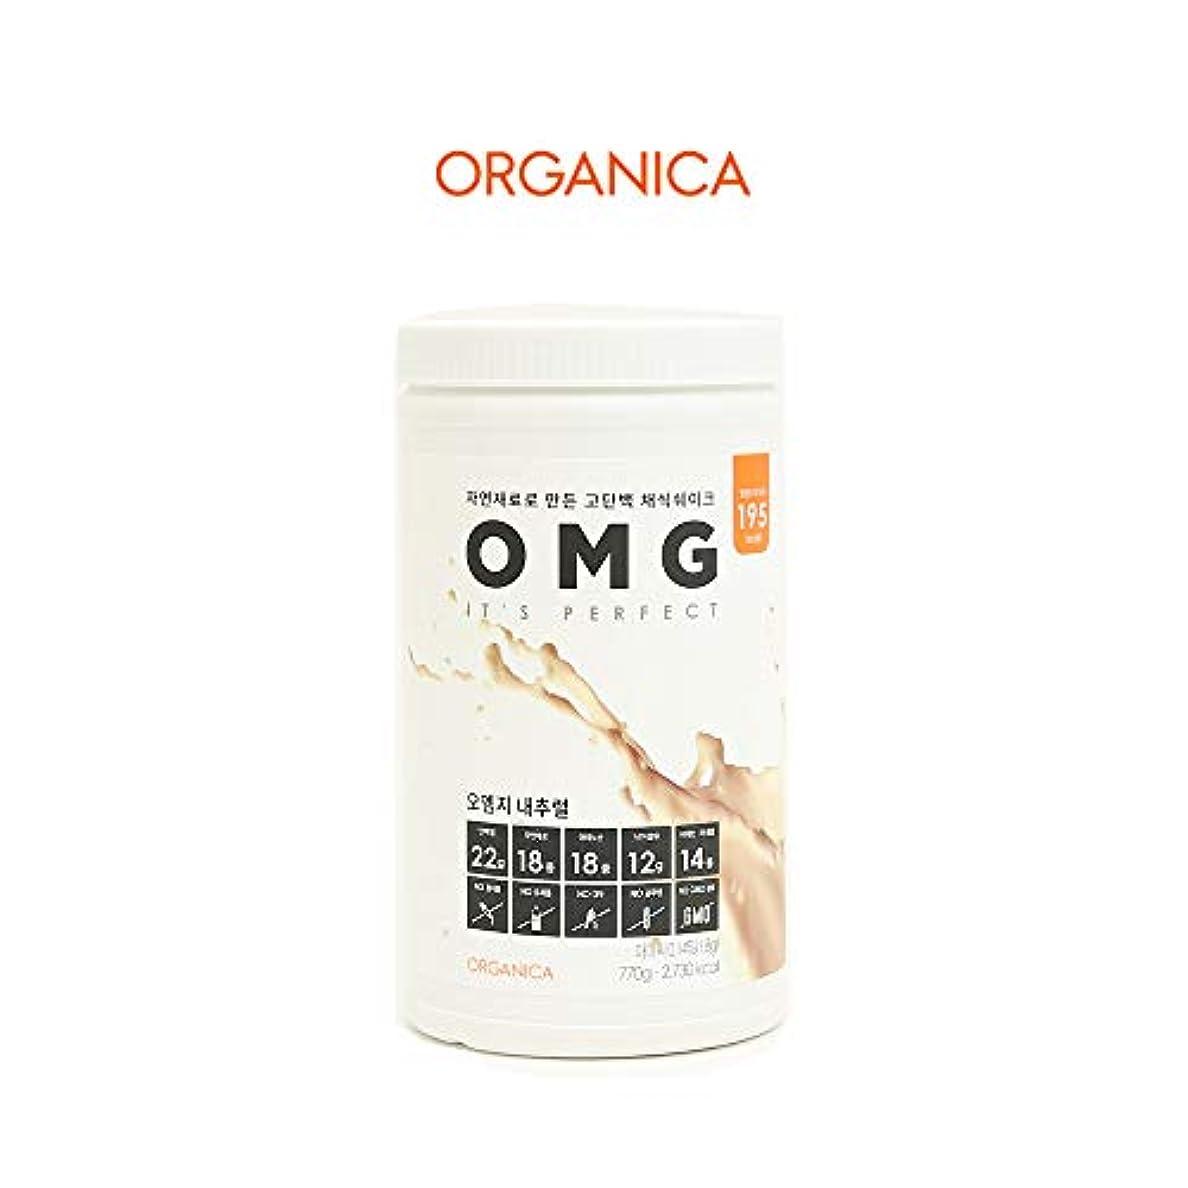 極めて重要なアンデス山脈論理的オーエムジー タンパク質 ダイエット シェイク (OMG, protein shake) (ナチュラル)